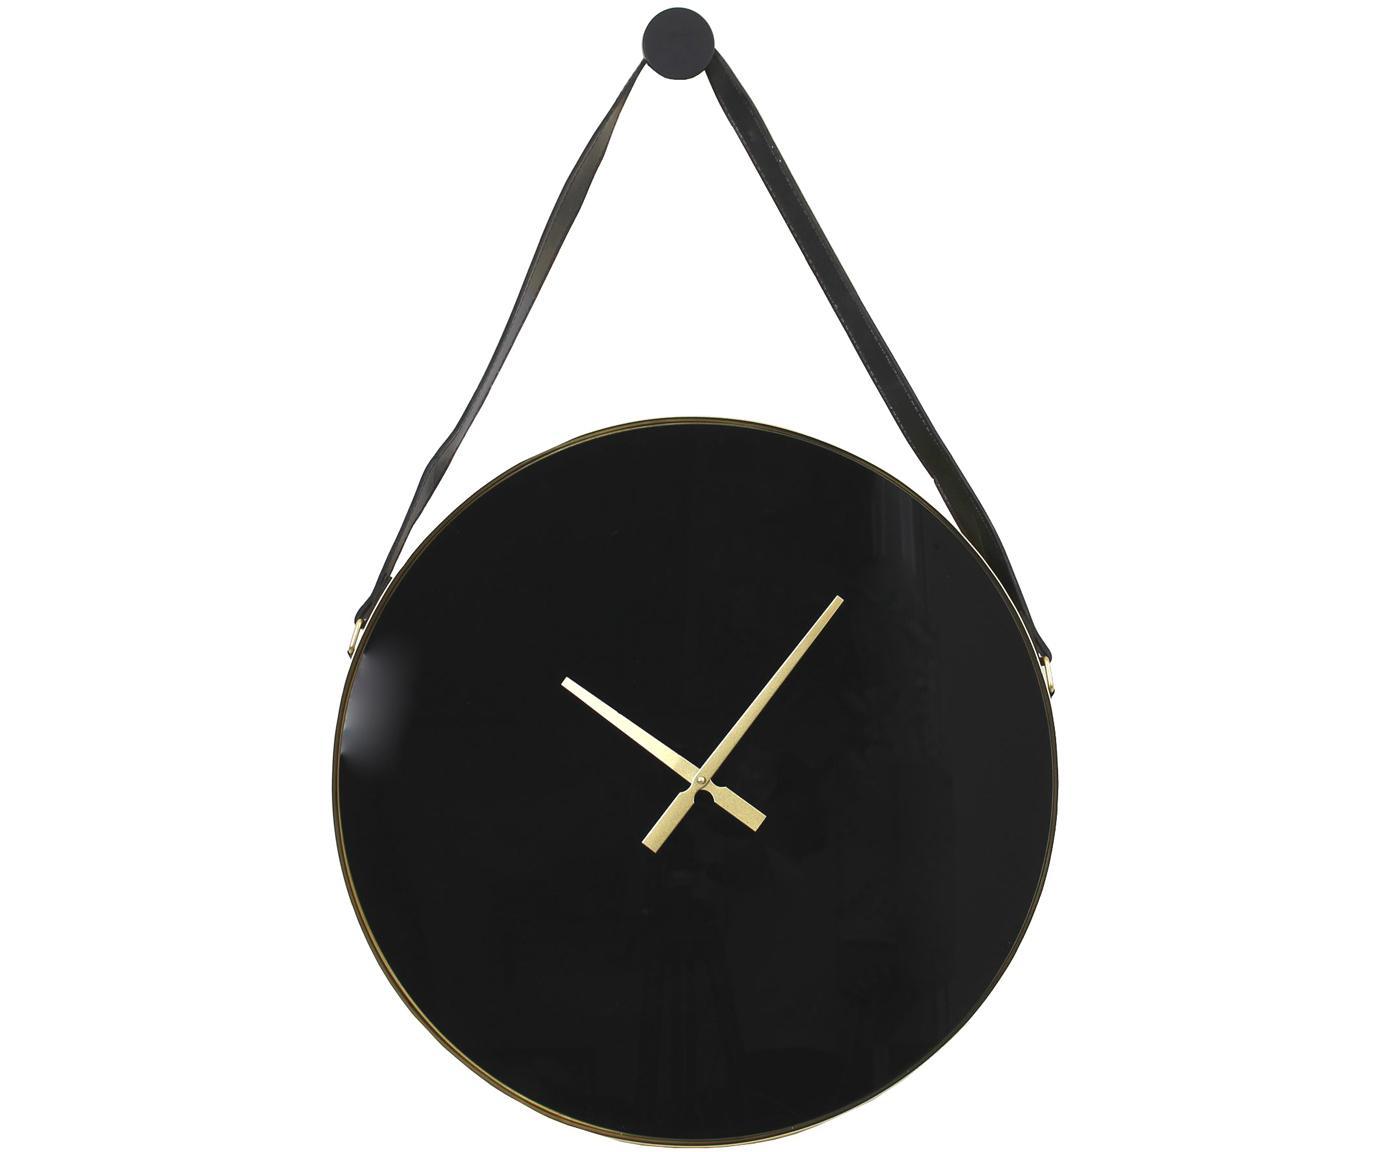 Orologio da parete Liva, Metallo rivestito, Nero, dorato, Larg. 60 x Alt. 94 cm